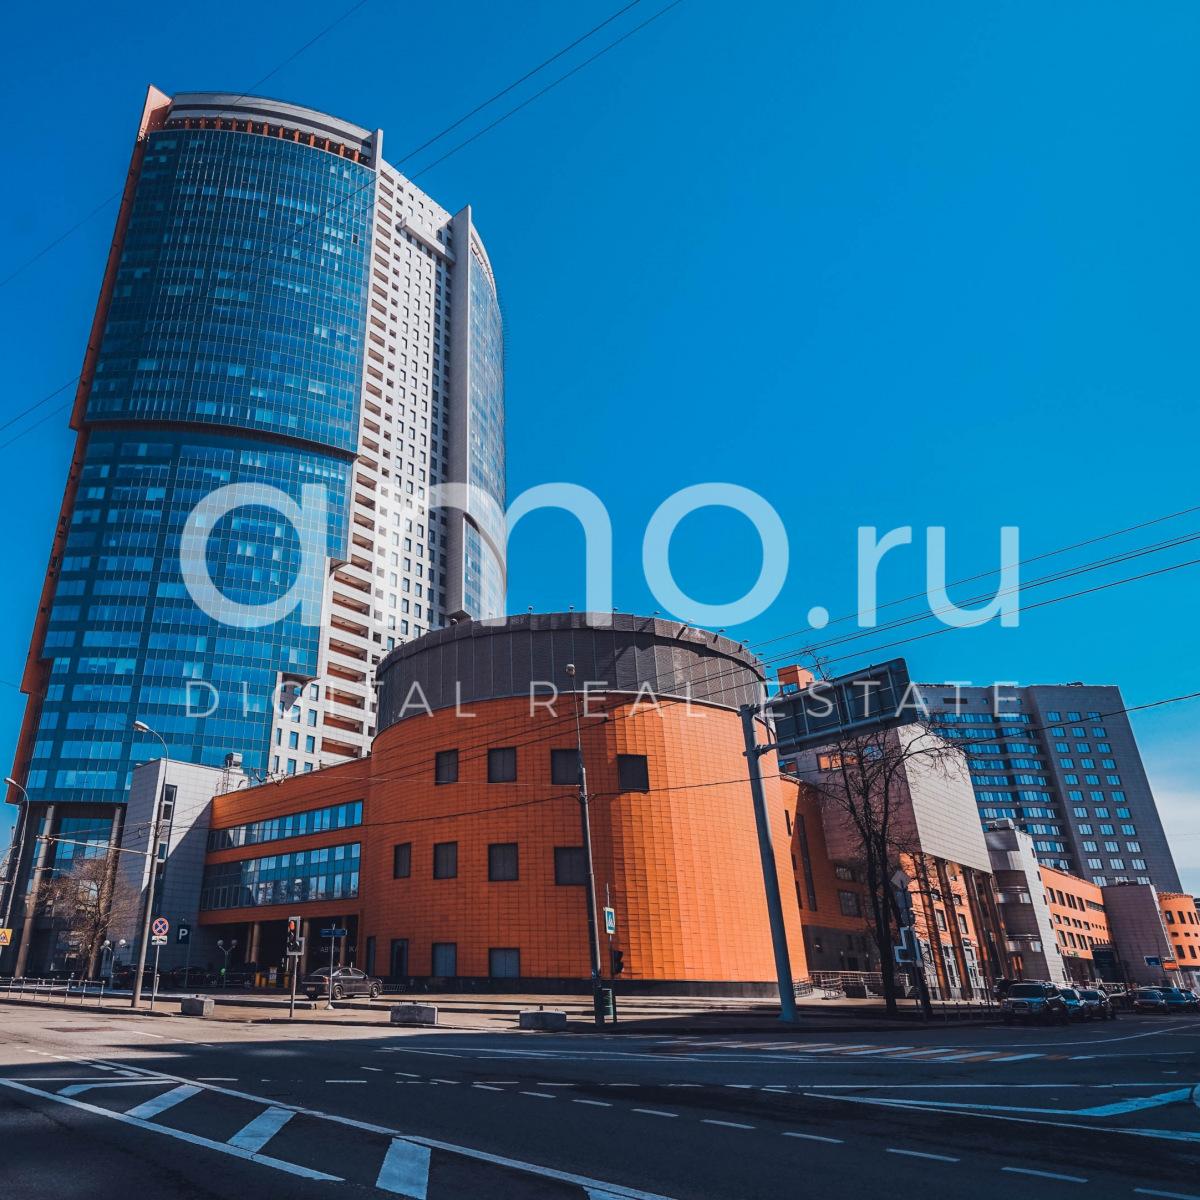 Аренда офиса в сити монарх Арендовать помещение под офис Дмитровка Малая улица